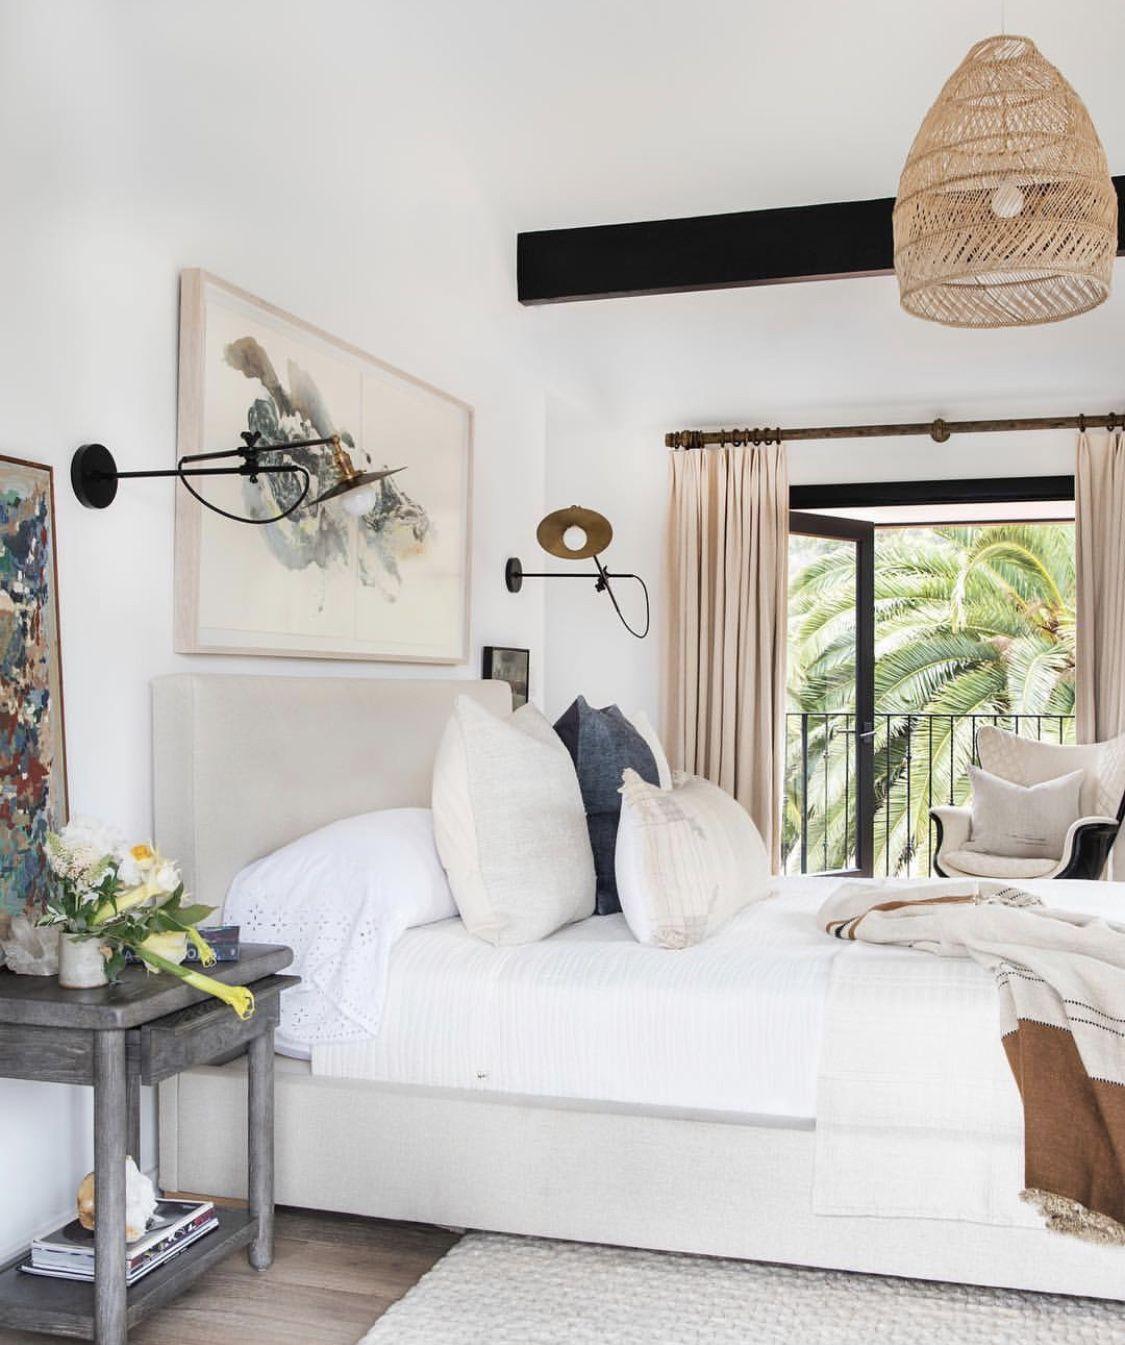 Pin By Ashley Towner On Bedroom Ideas: Quartos, Decoração De Casa, Quarto Adolescente